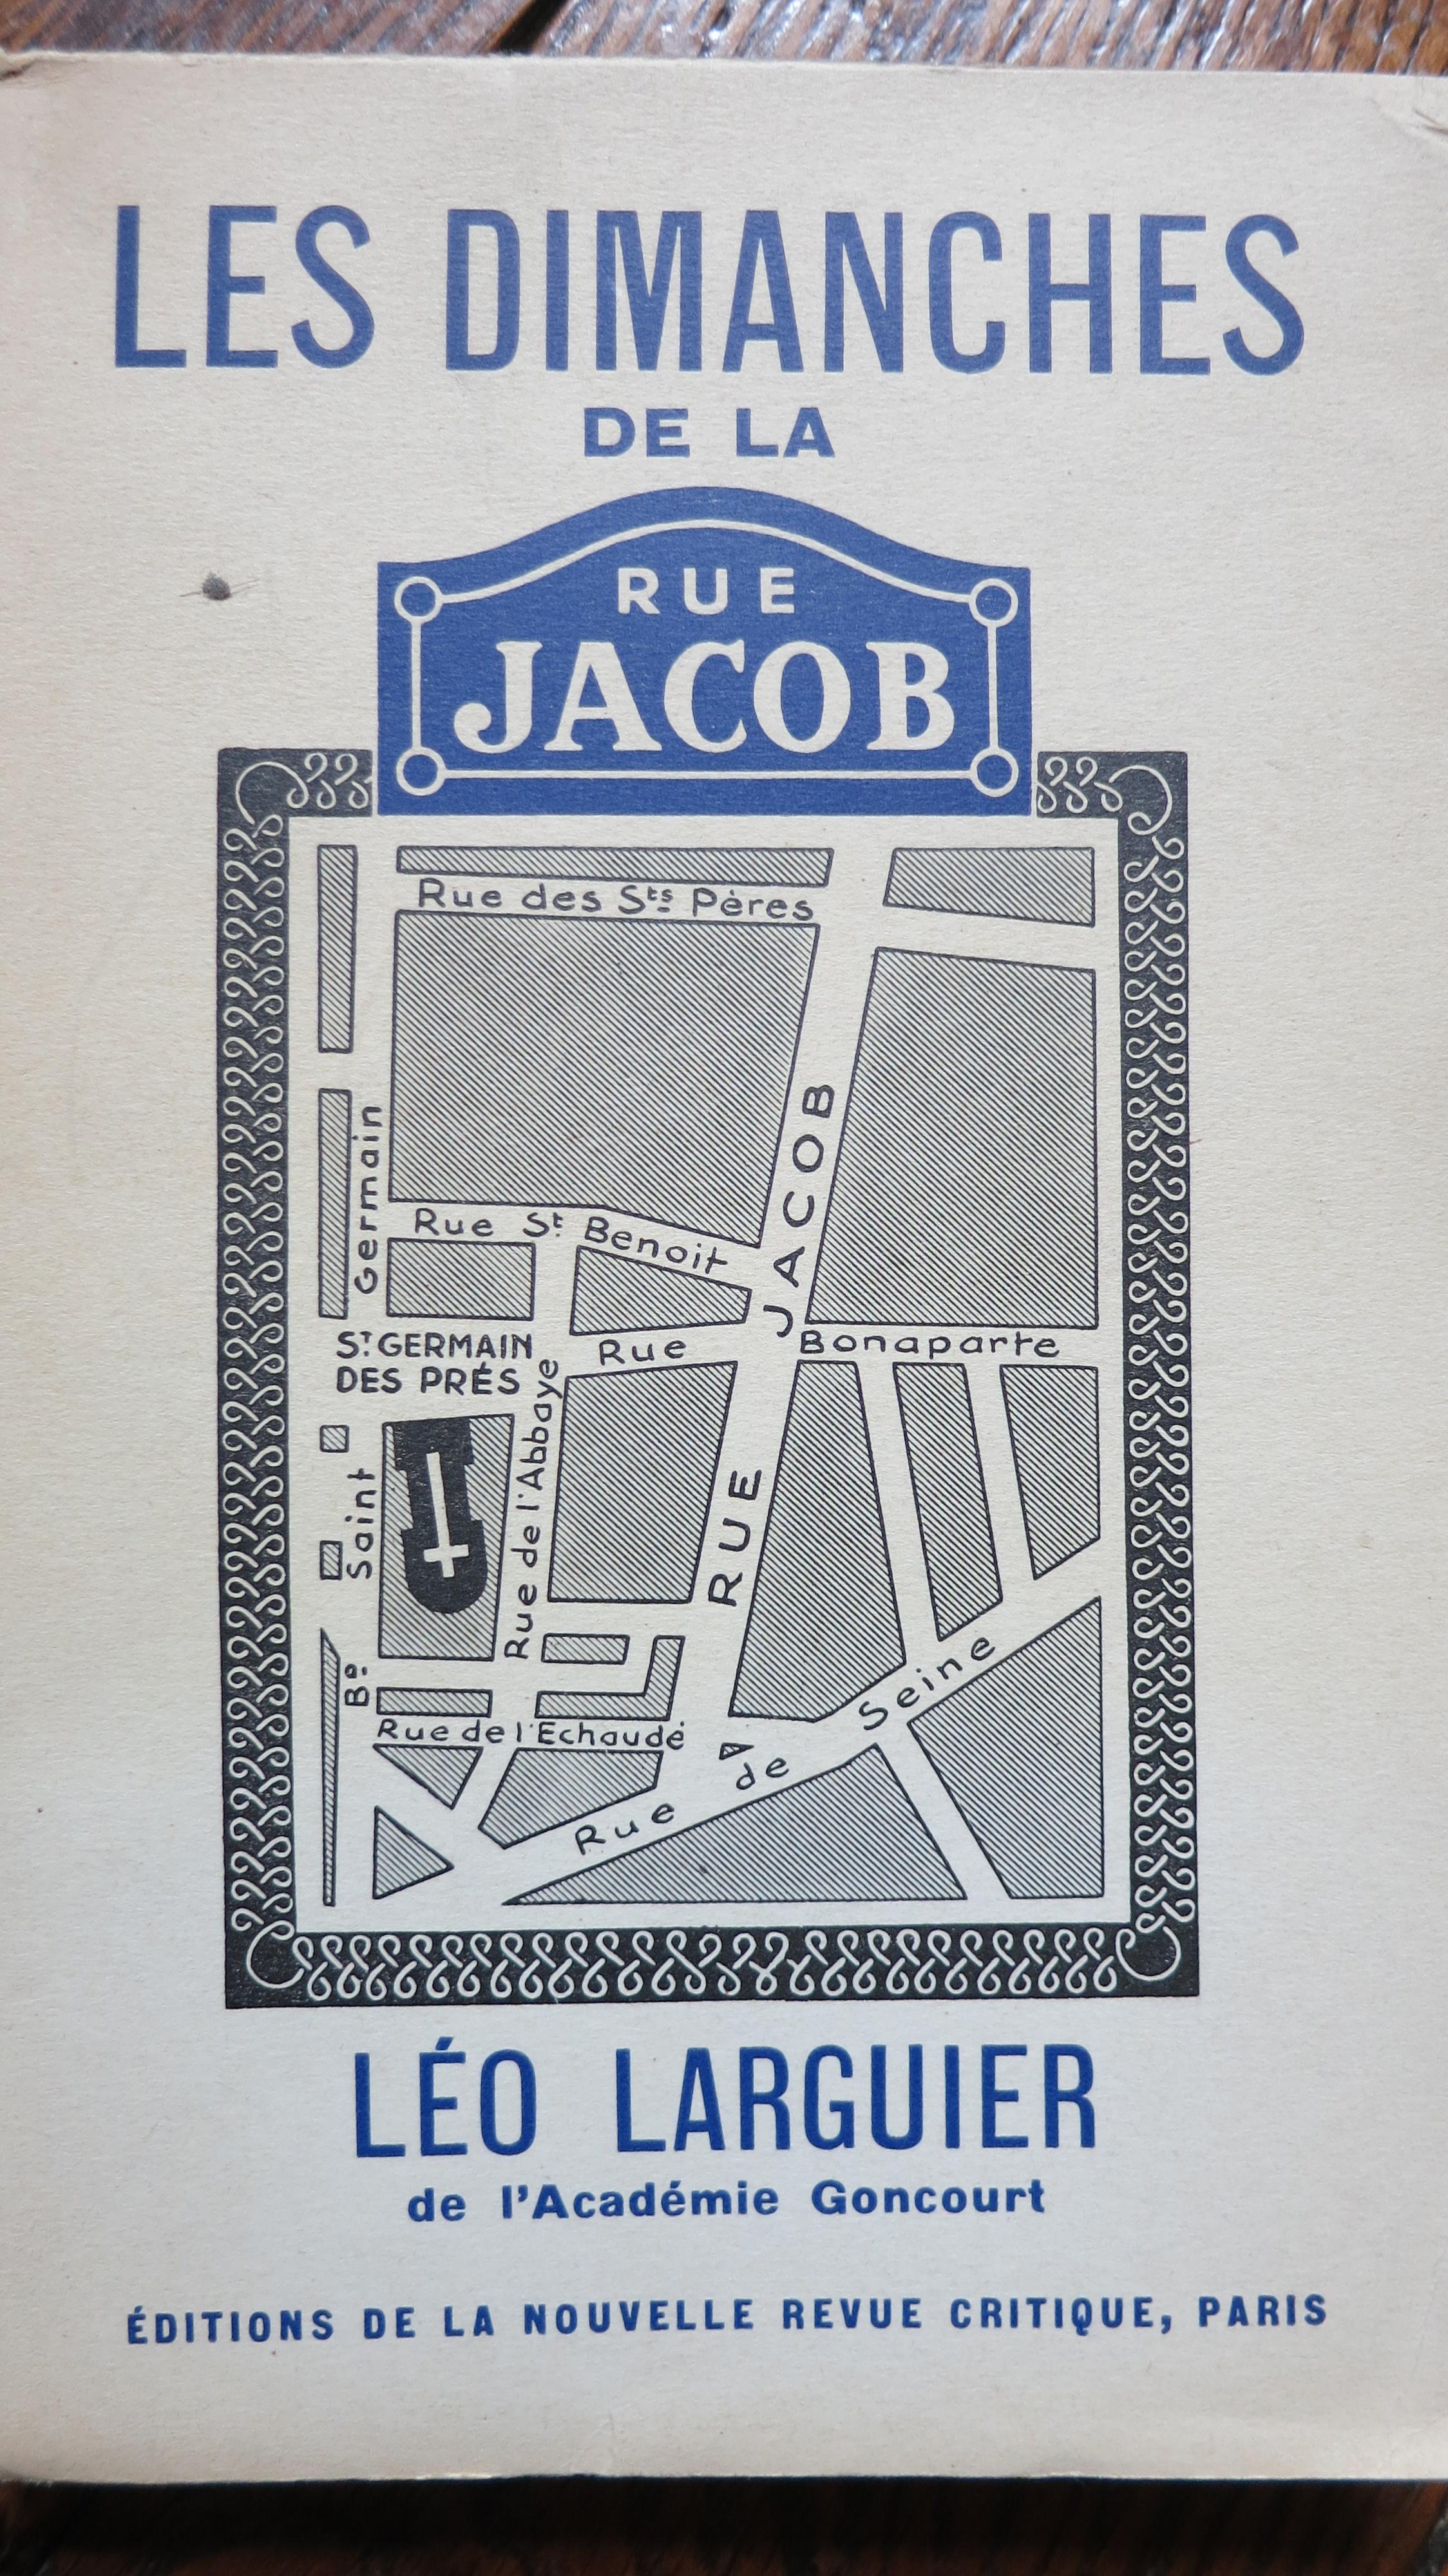 Les dimanches de la rue Jacob